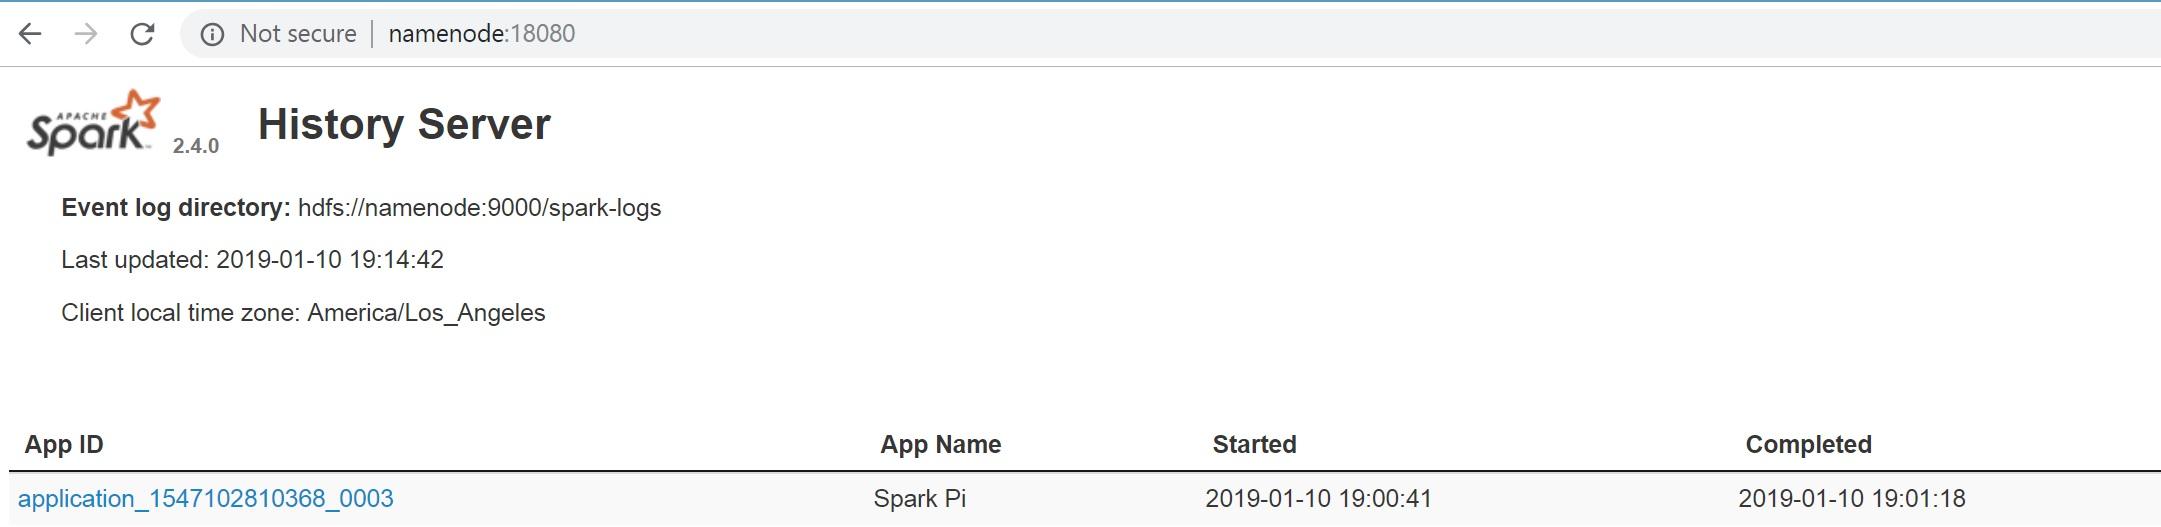 Spark step-by-step setup on Hadoop Yarn cluster — Spark by